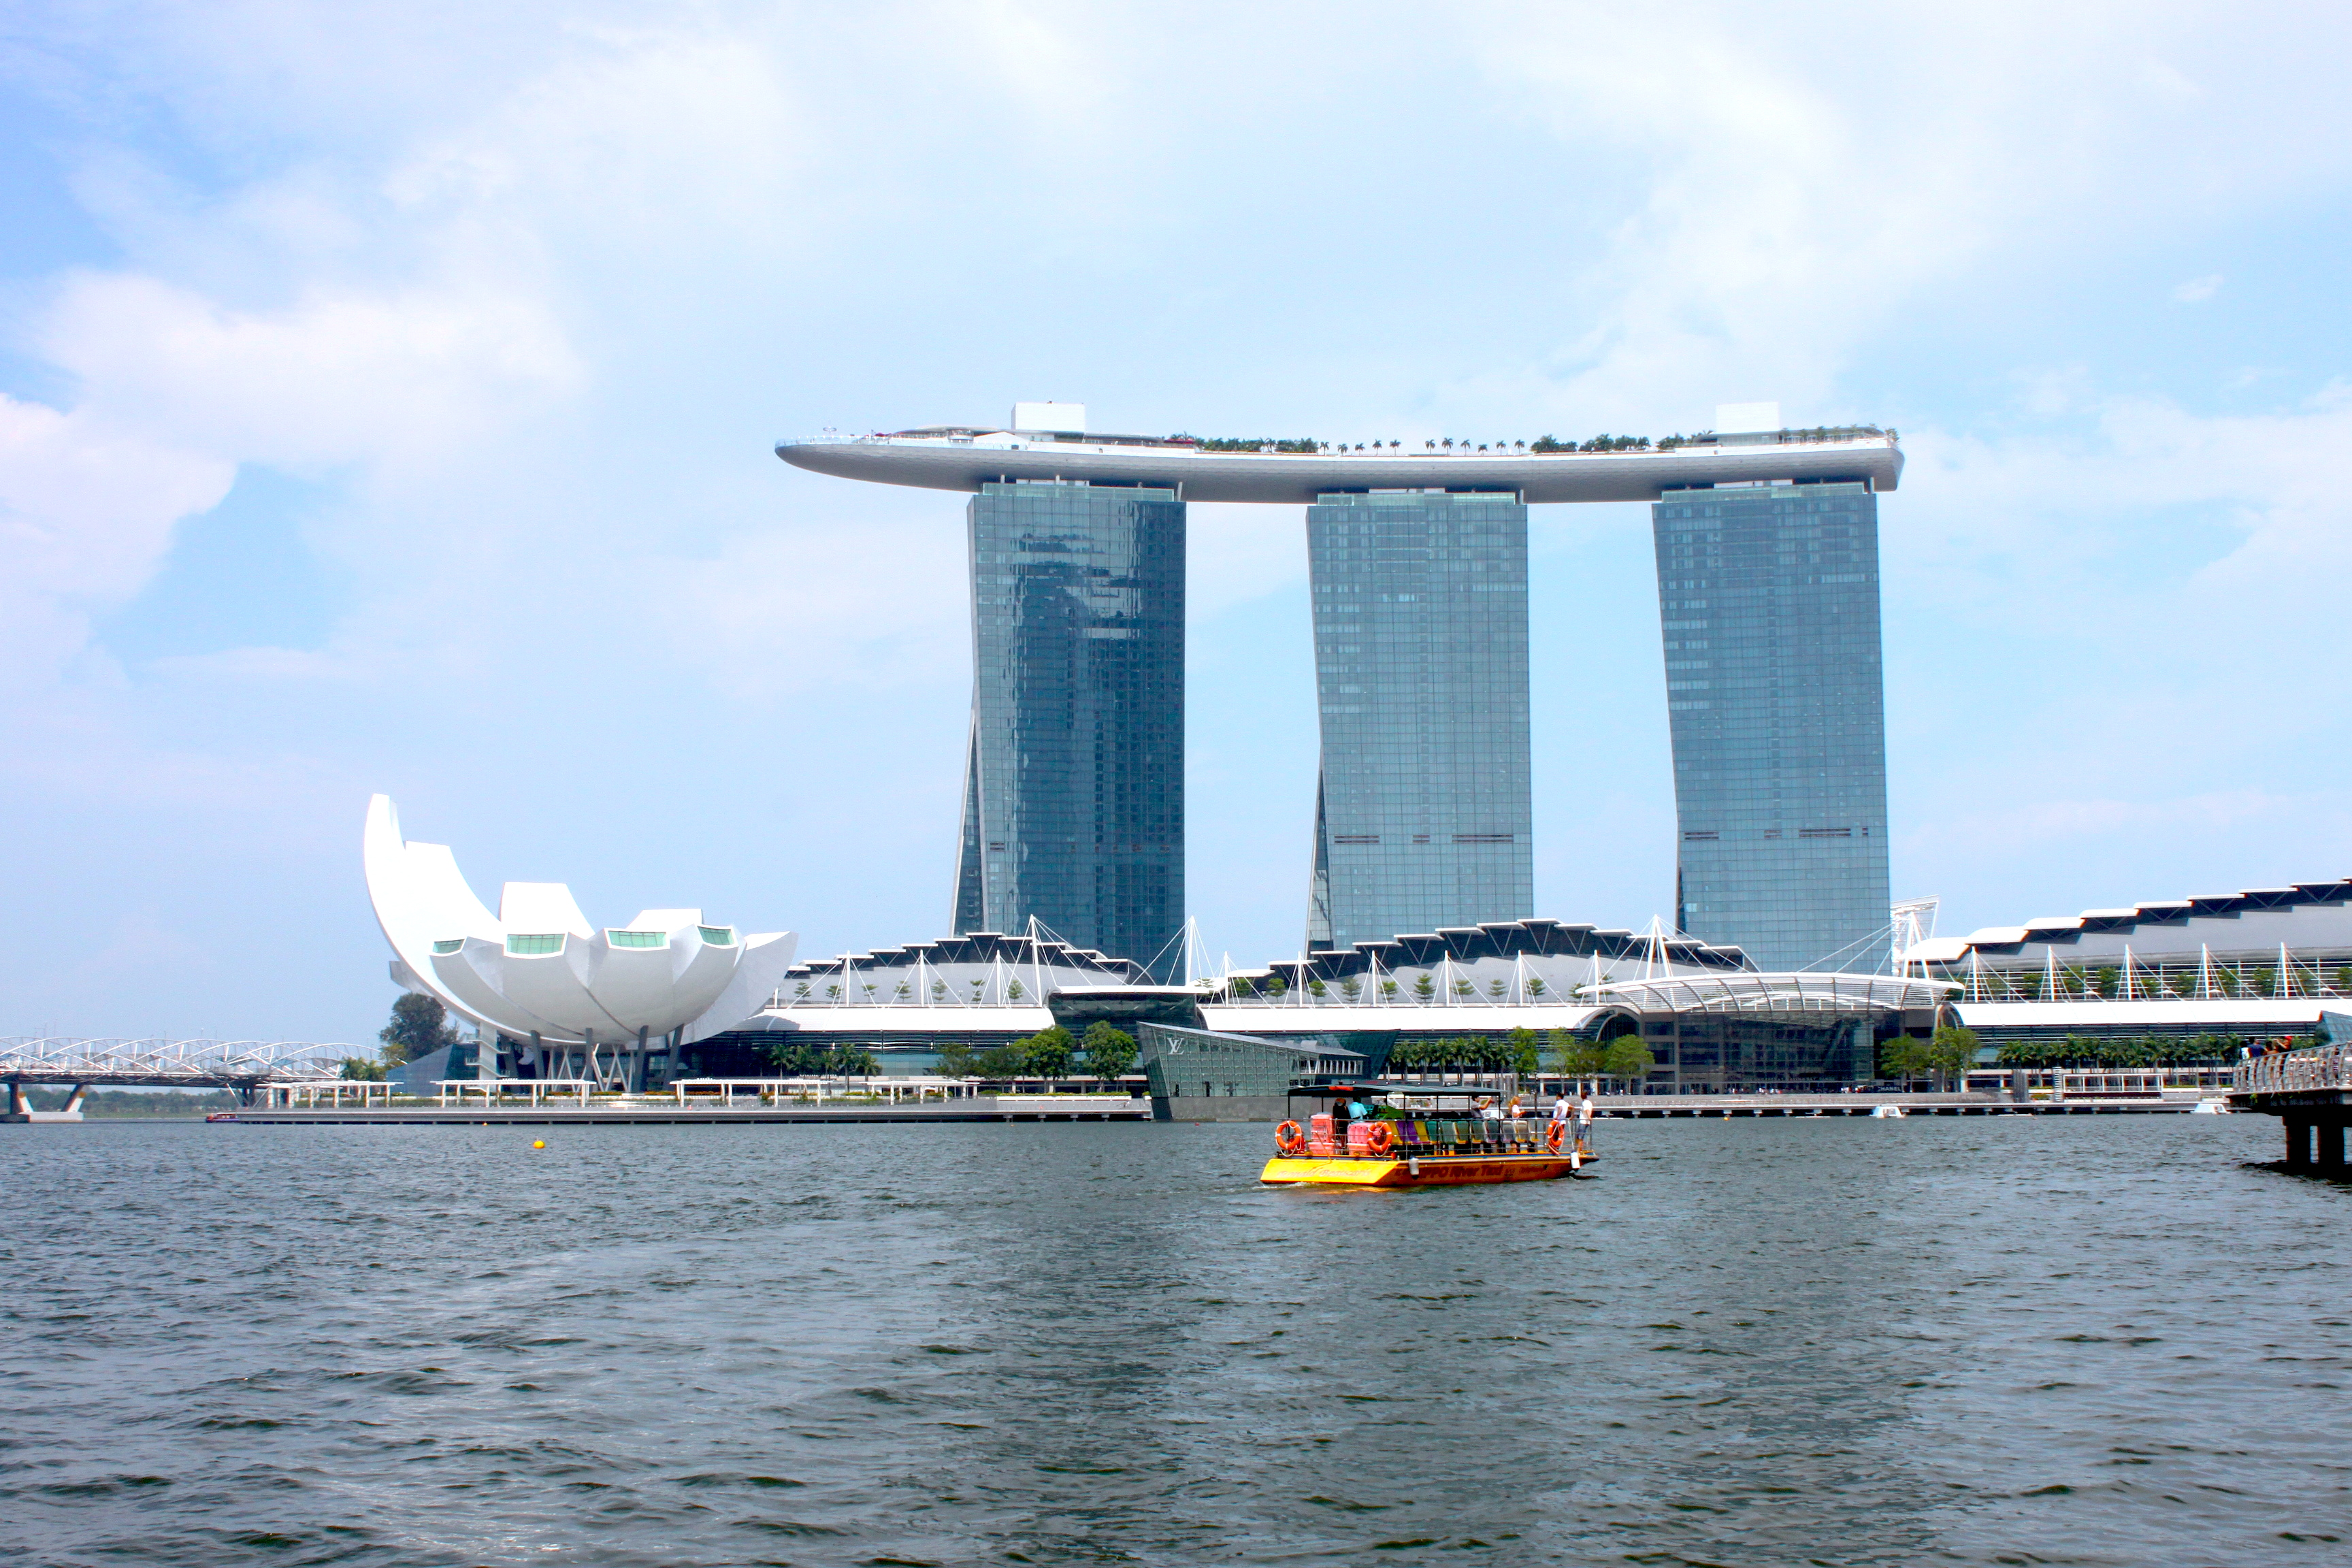 Lo spettacolare Marina Bay Sands